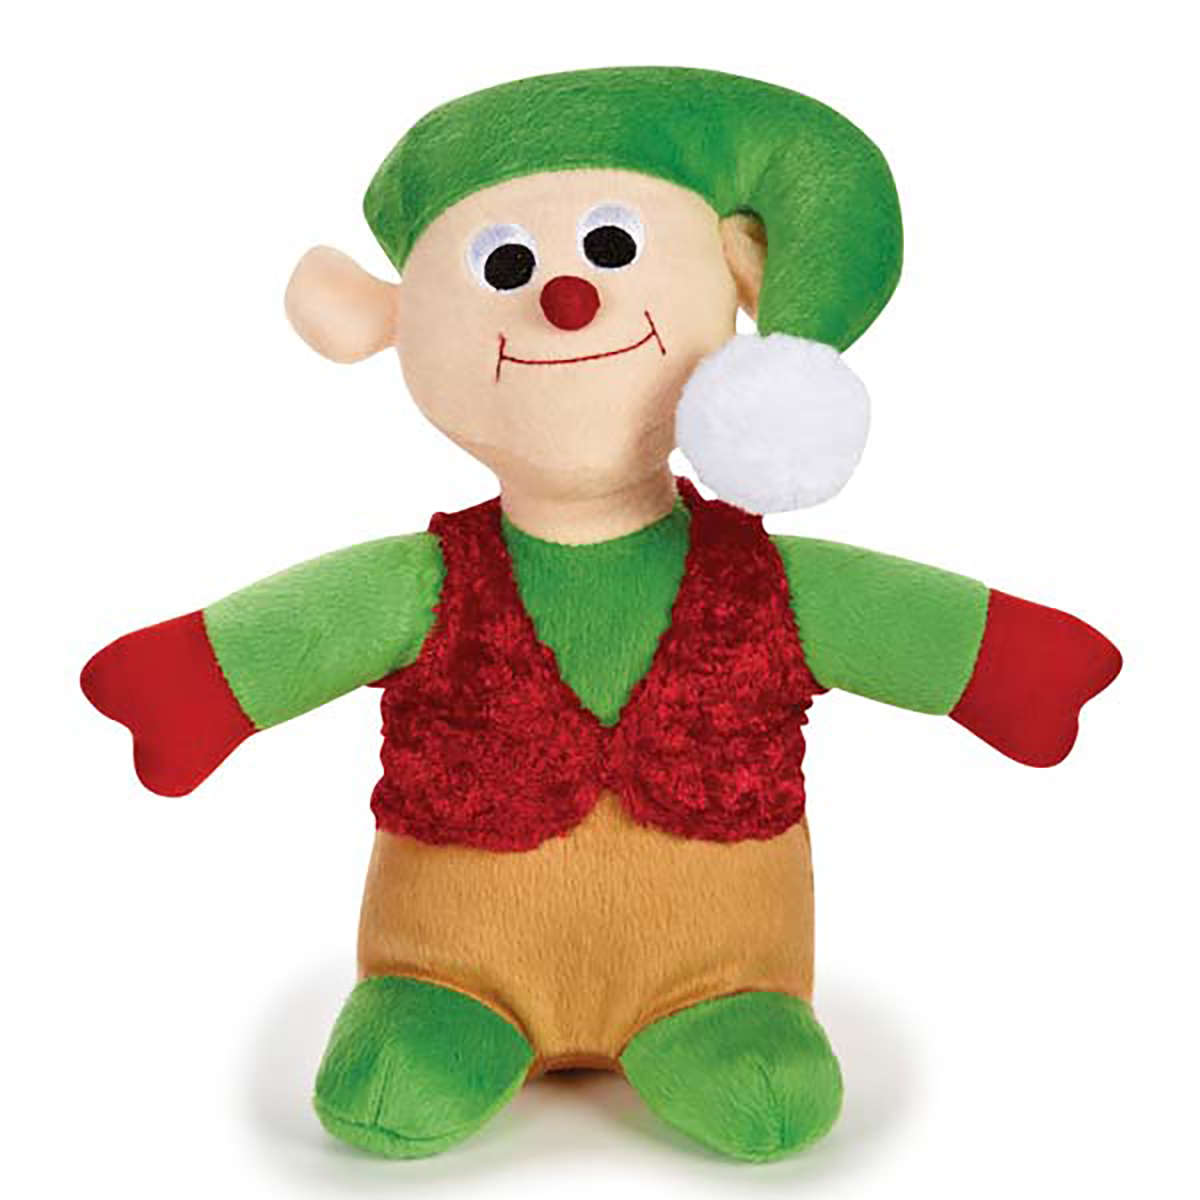 Zanies Holiday Friends Dog Toy - Elf